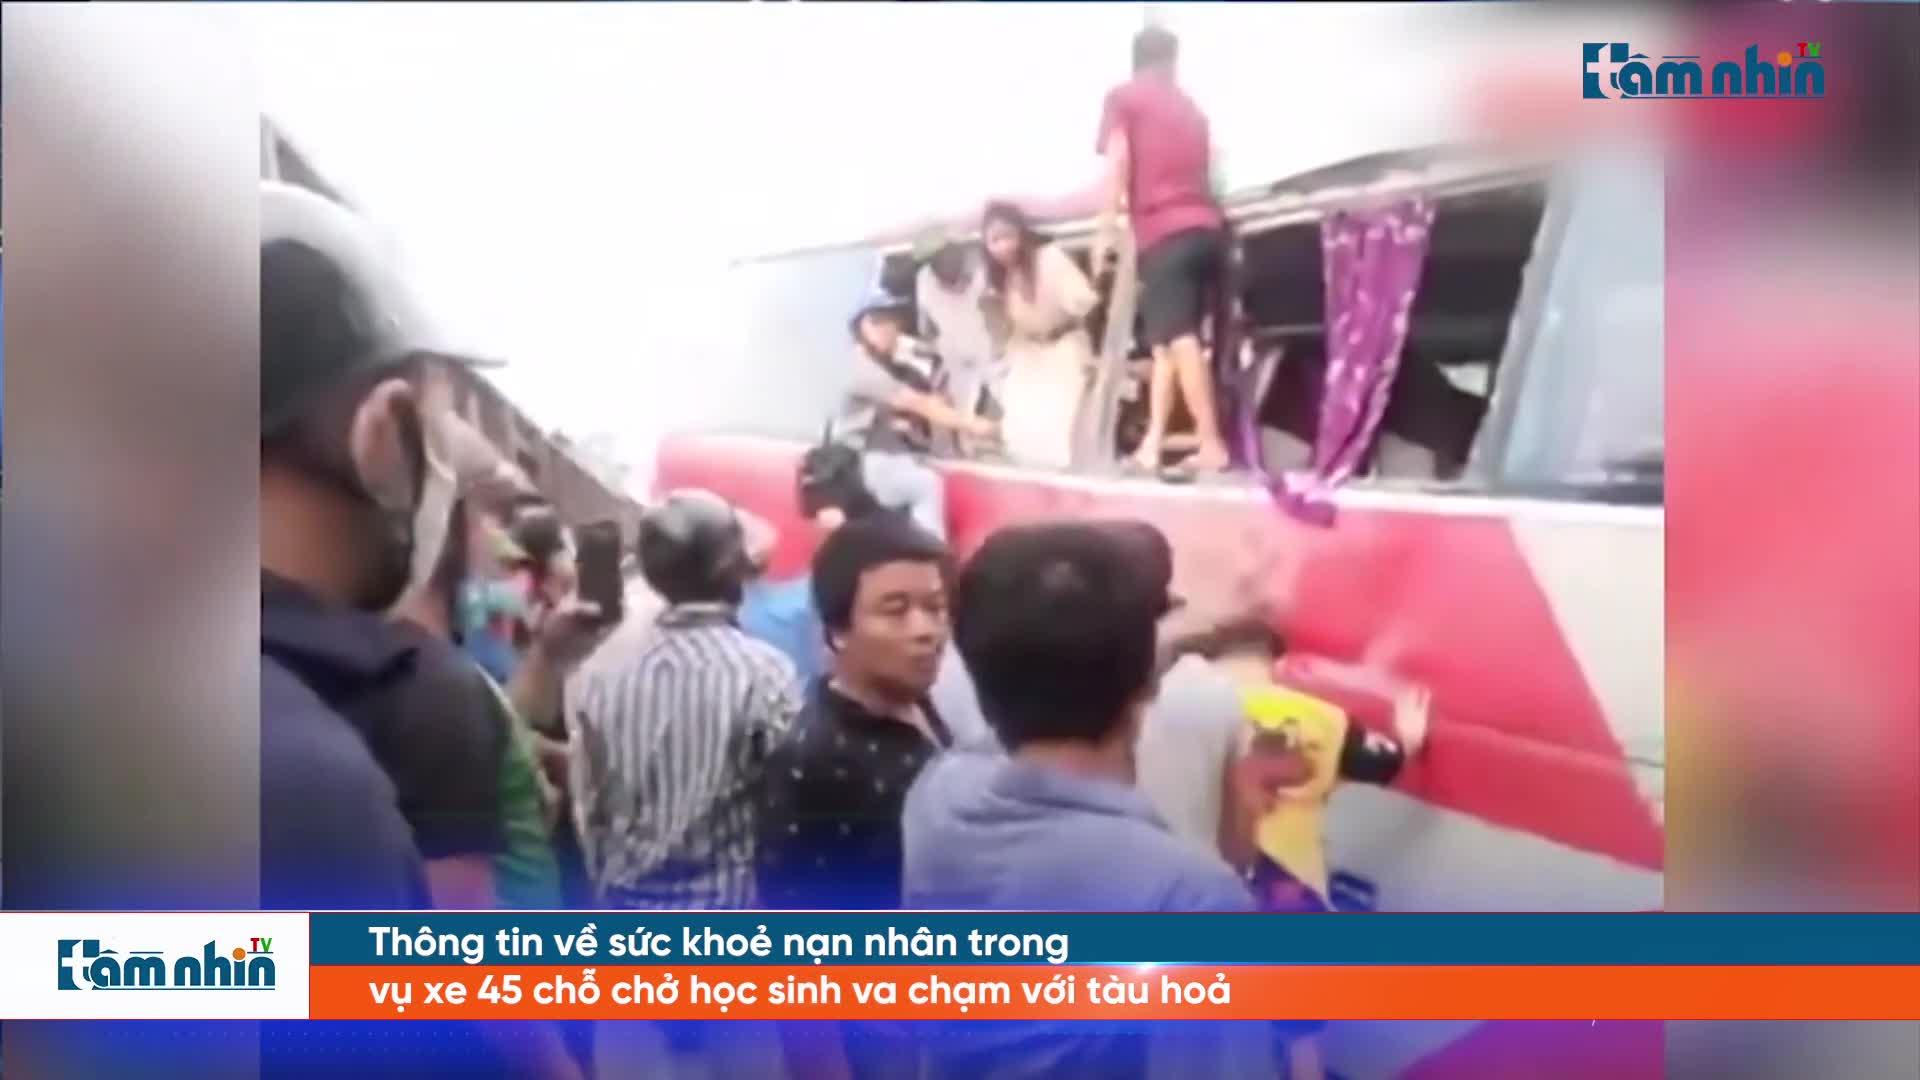 Thông tin về sức khoẻ nạn nhân trong vụ xe 45 chỗ chở học sinh va chạm với tàu hoả